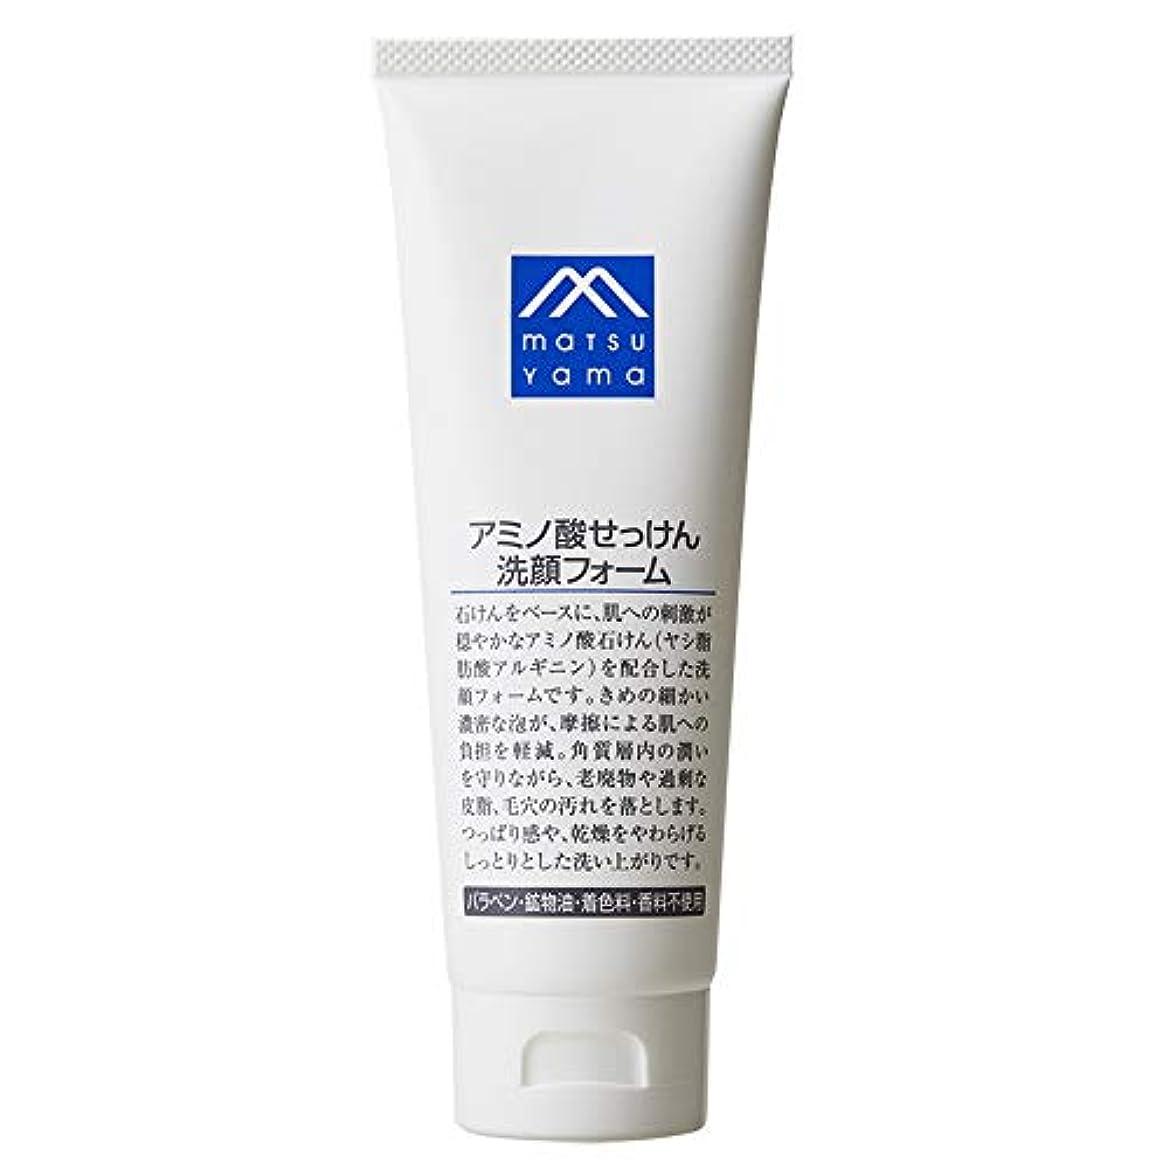 哺乳類ブラスト豊かにするMマーク(M-mark) アミノ酸せっけん洗顔フォーム 120g